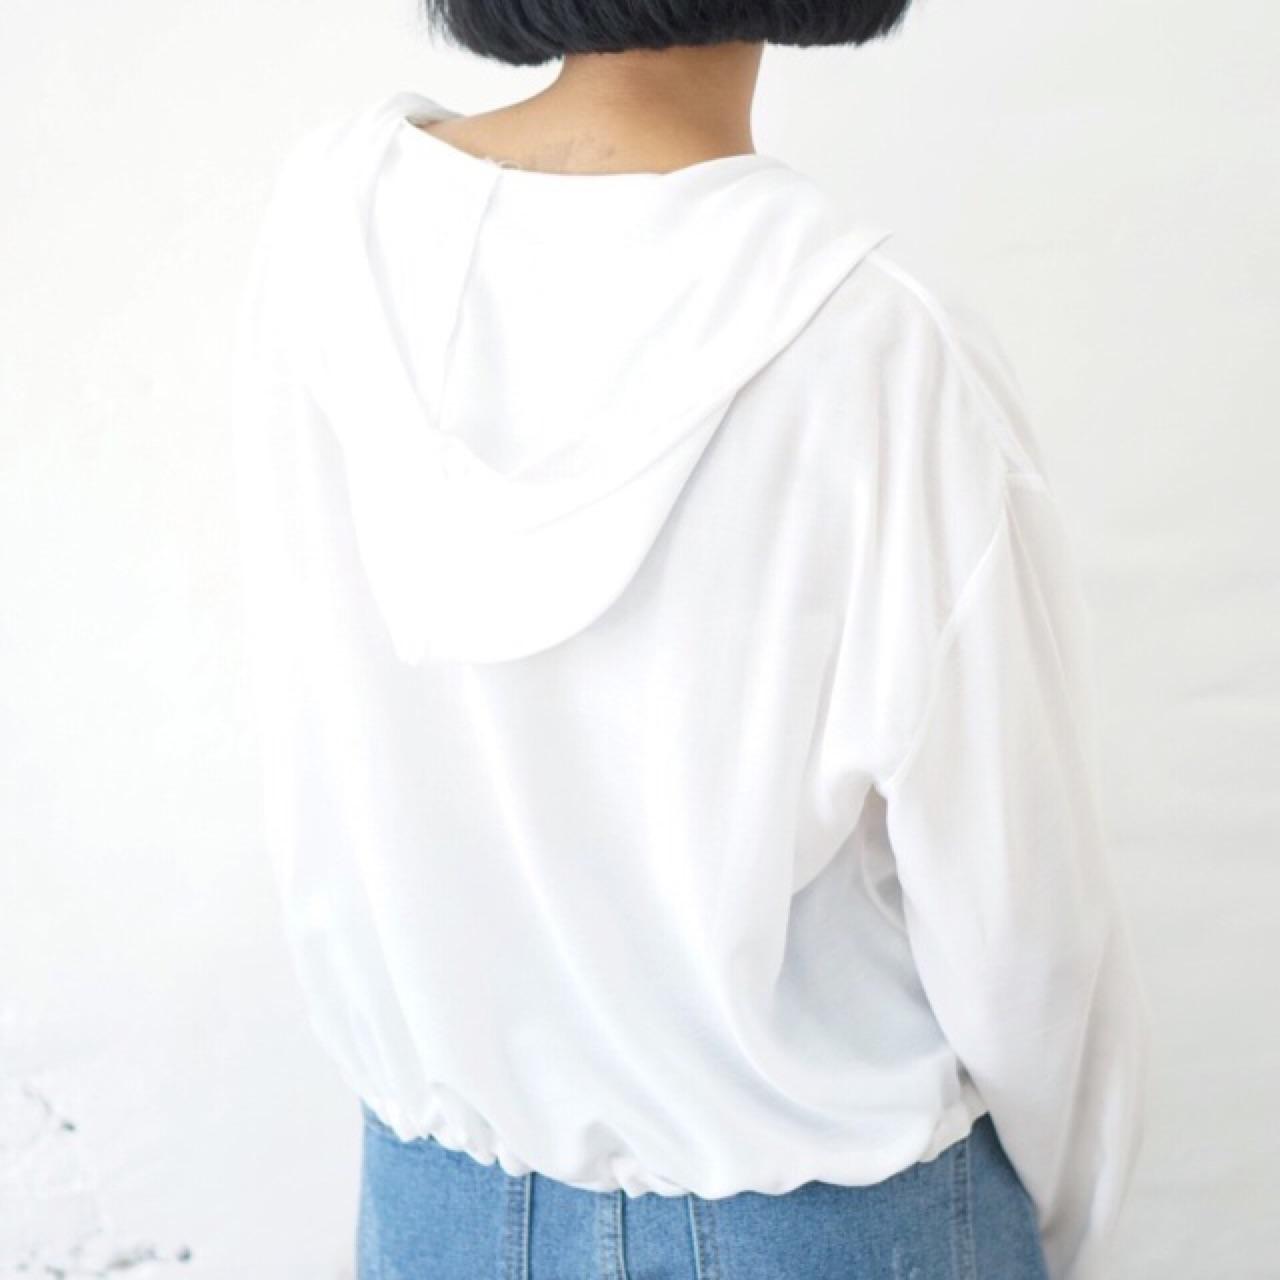 เสื้อผู้หญิง,เสื้อผ้าผู้หญิง,เสื้อแขนยาว,เสื้อสีขาว,เสื้อแขนยาวสีขาว